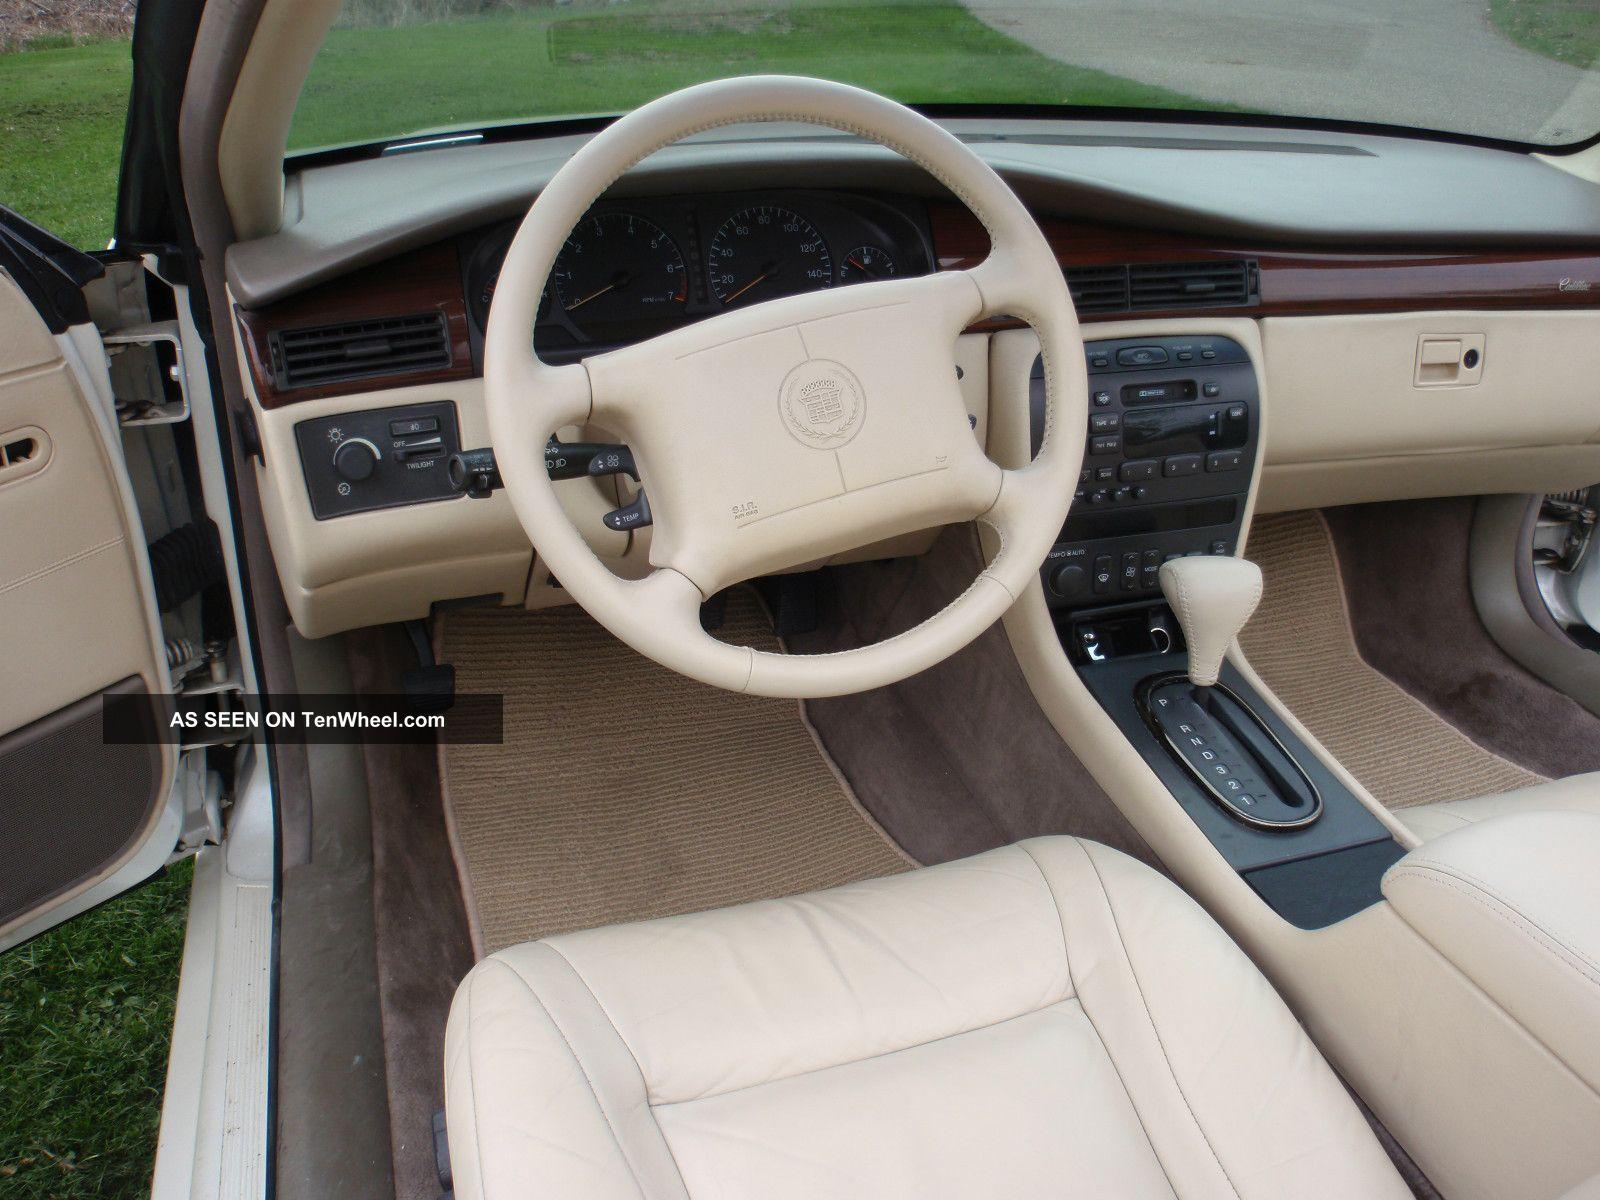 1996 cadillac eldorado image 7 neo drive